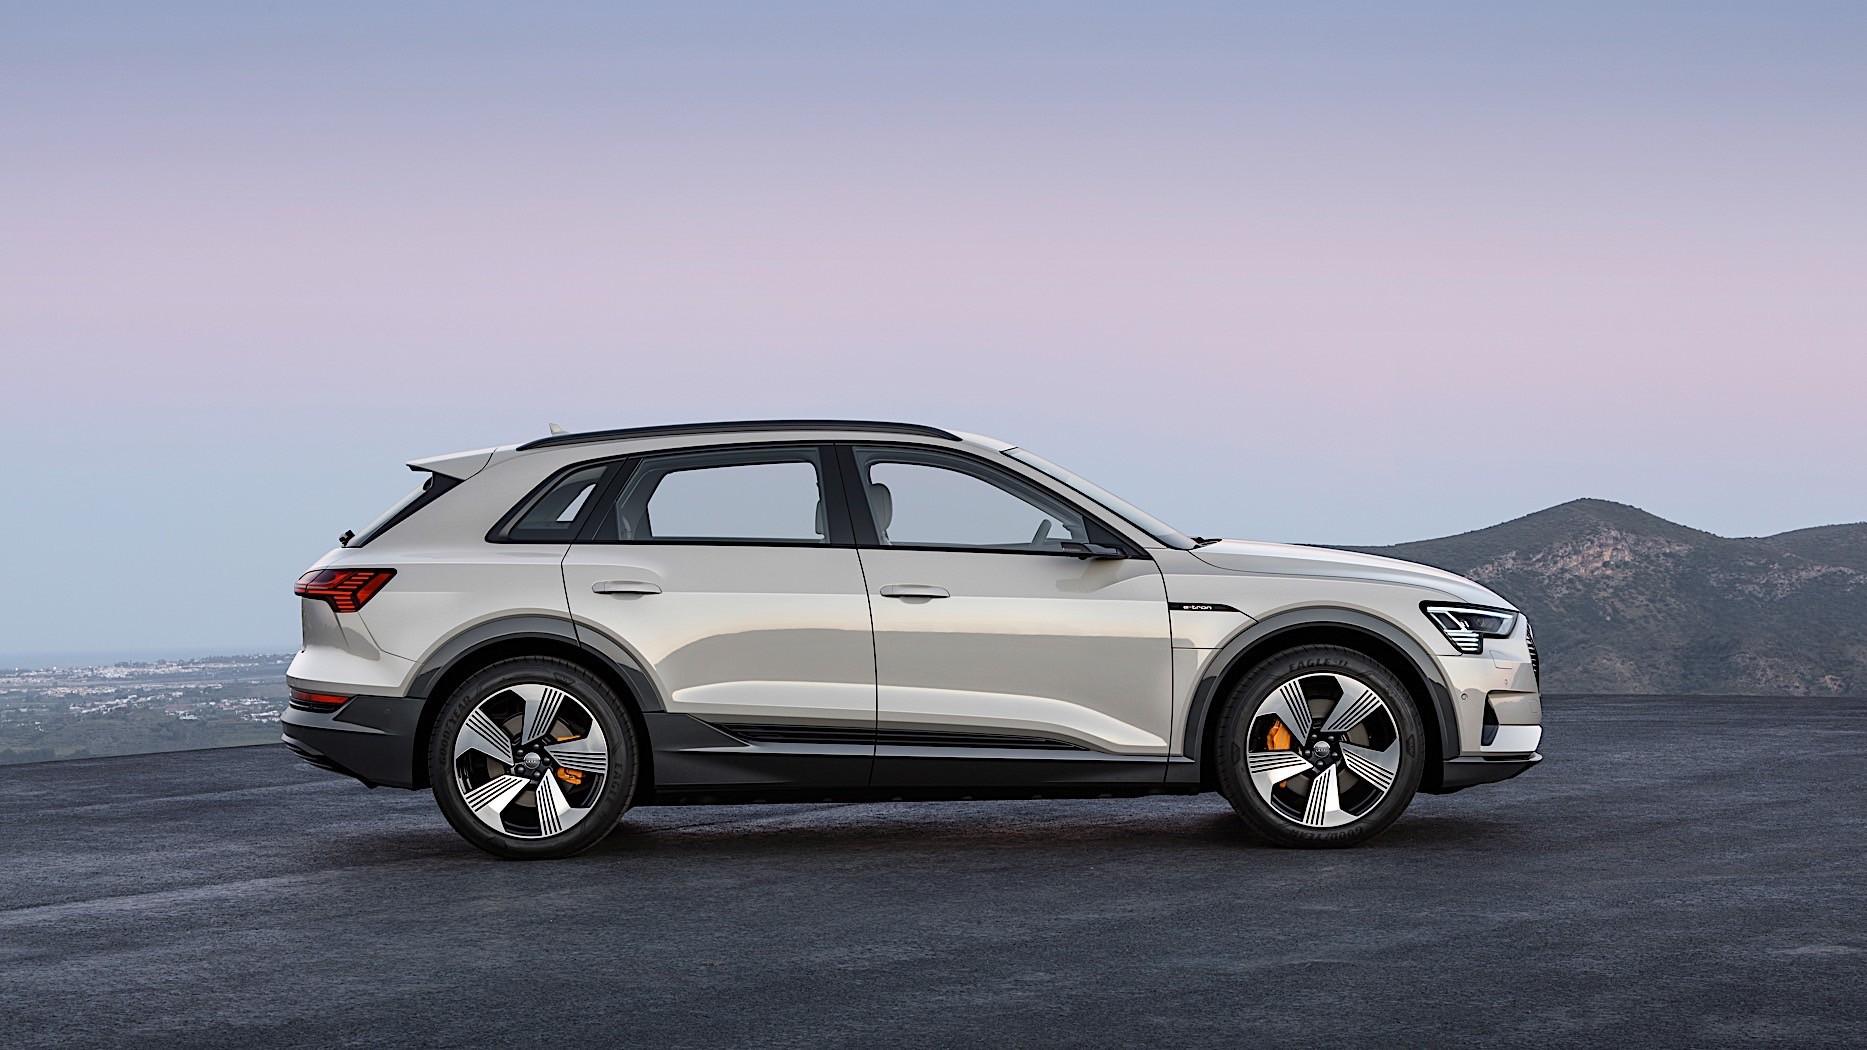 Audi E Tron Suv Comes With New Quattro For 79 900 Euros